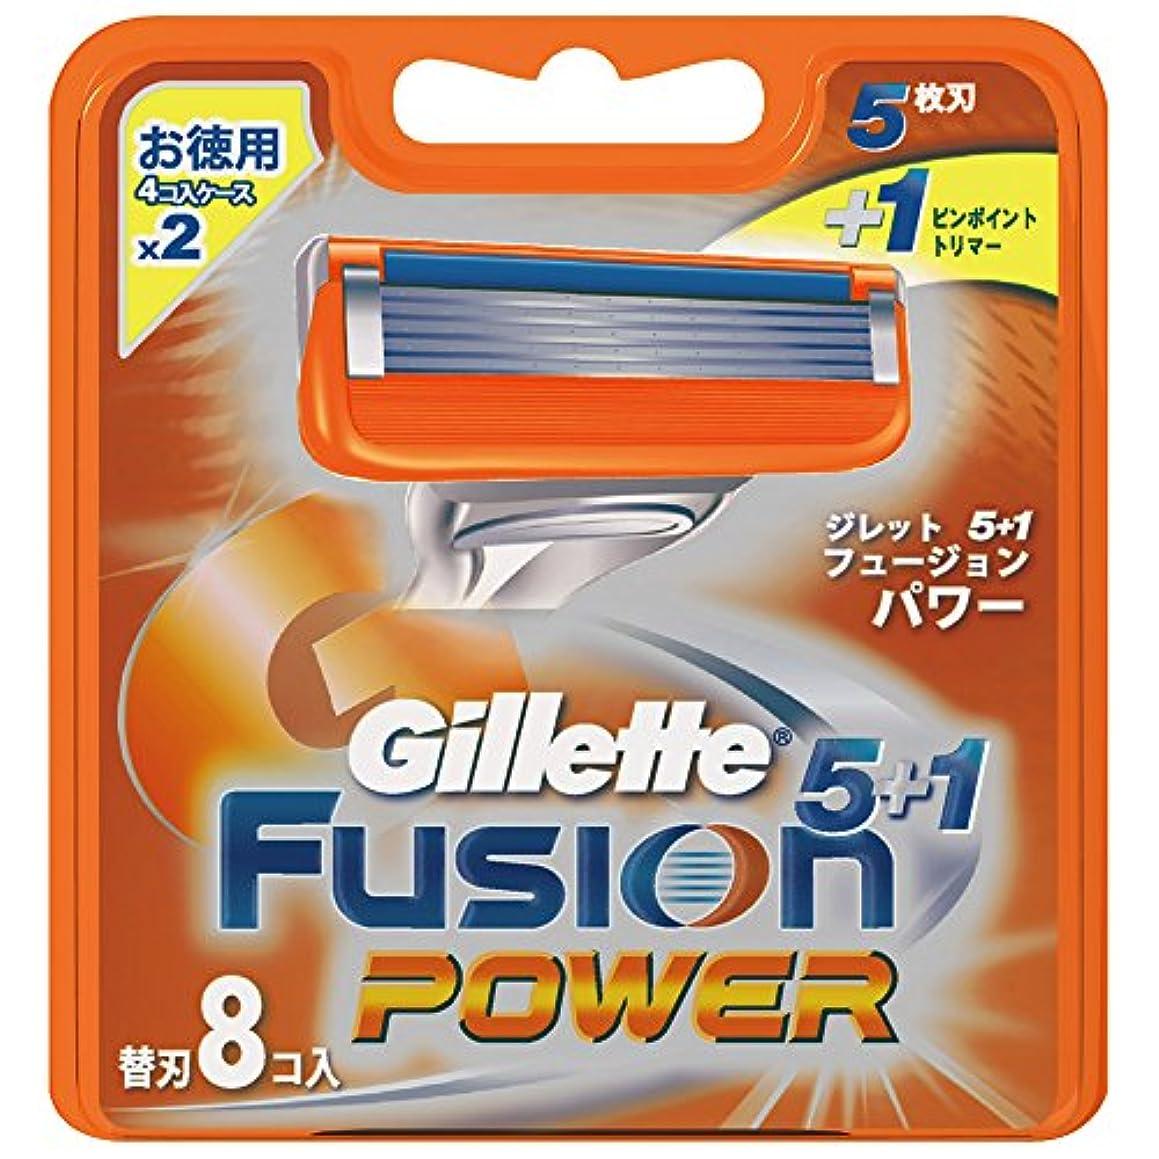 たらい対処戦うジレット 髭剃り フュージョン5+1 パワー 替刃8個入